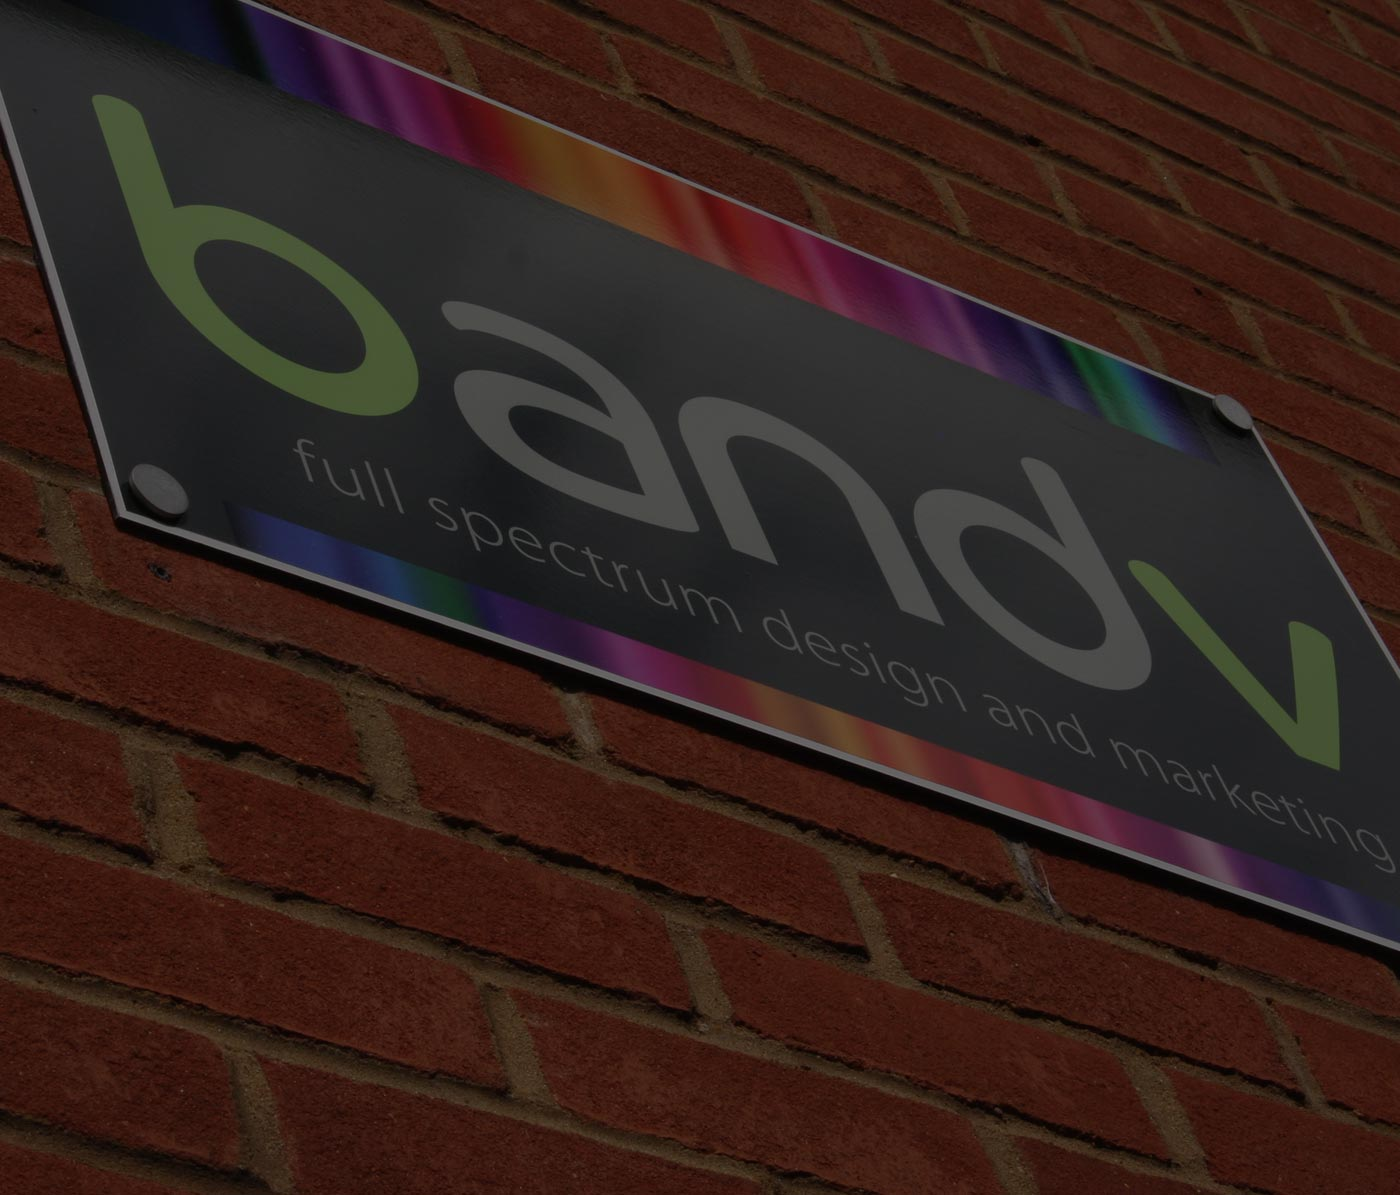 bandv - Full spectrum design and marketing agency